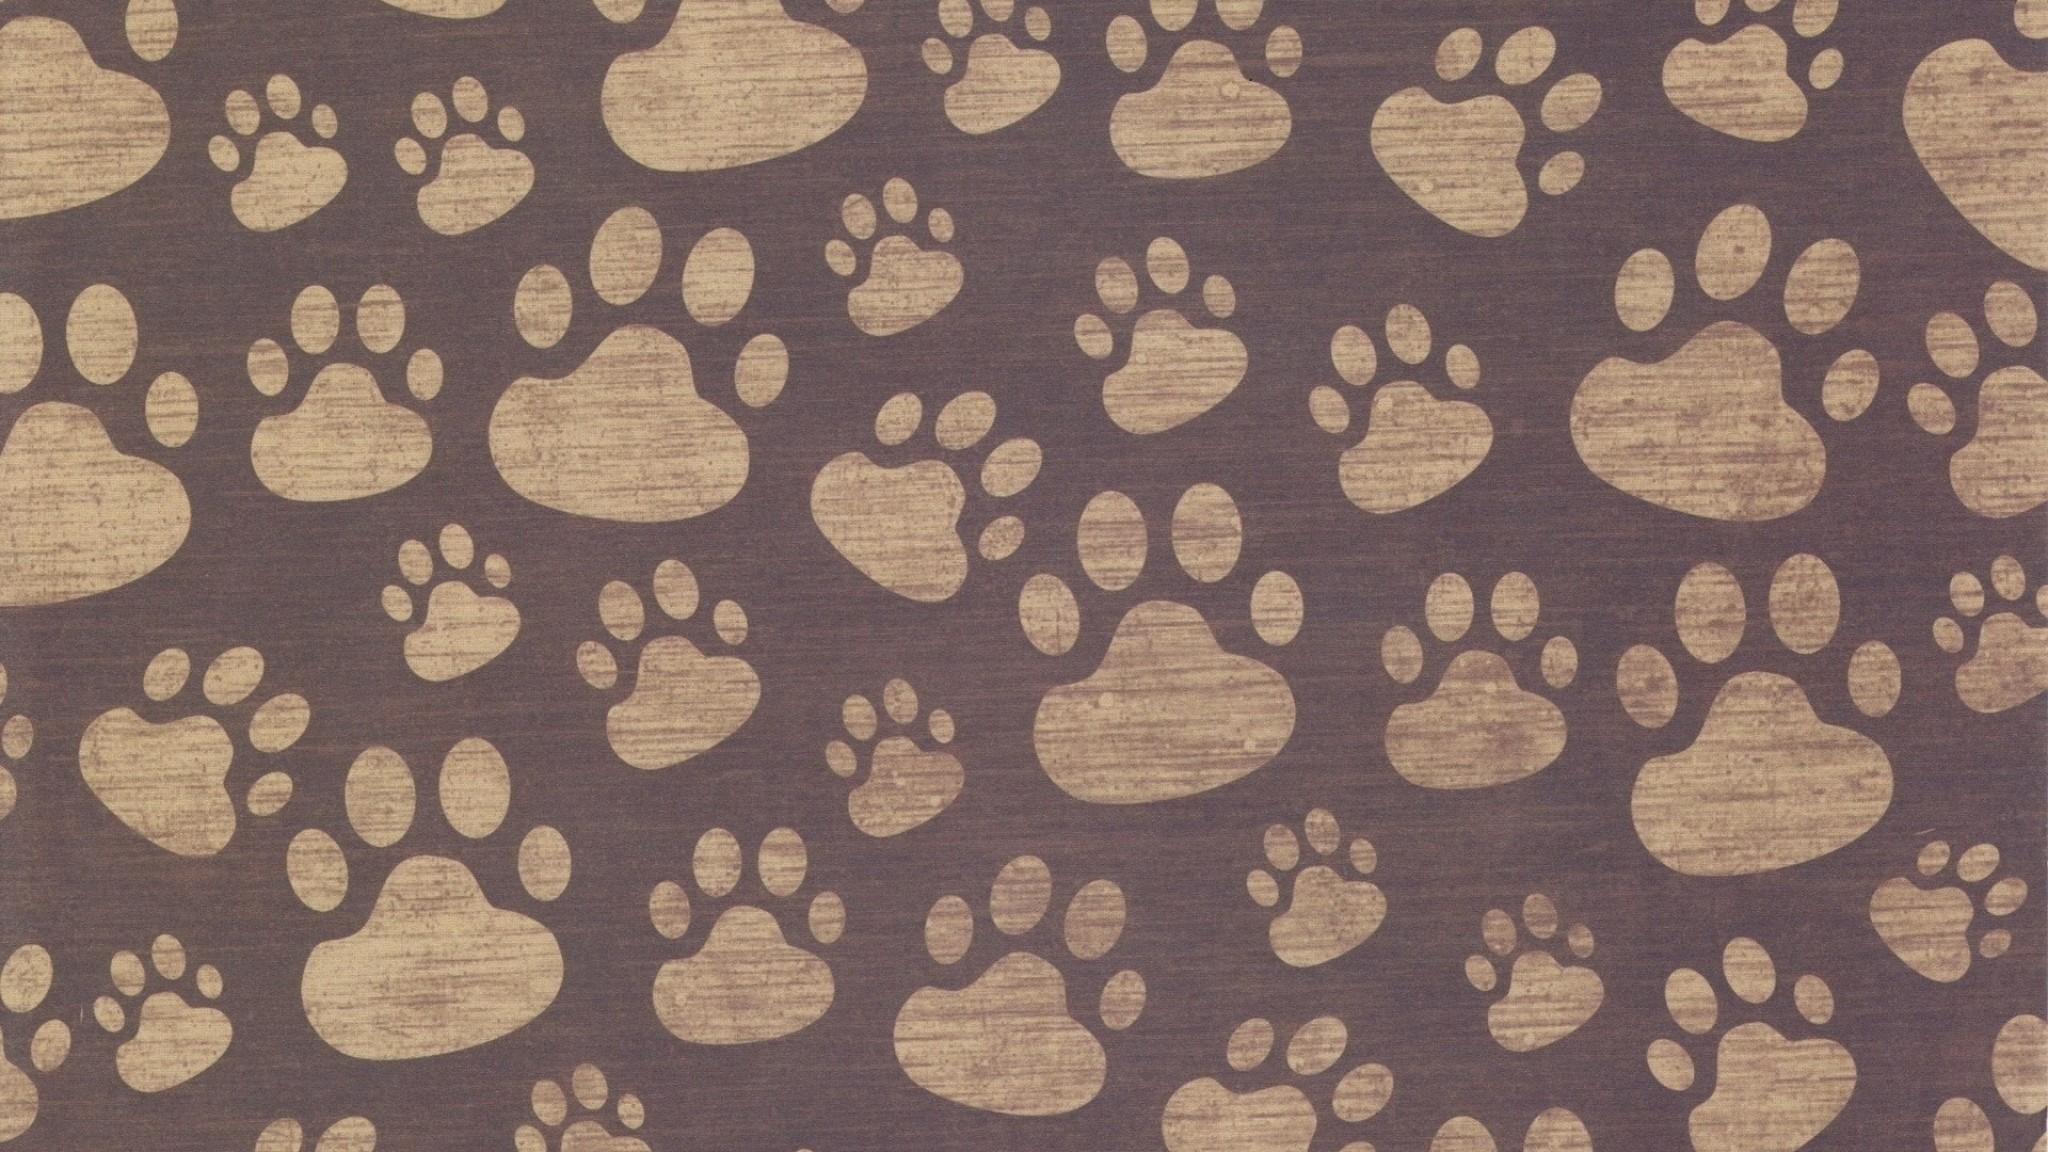 Paw prints wallpaper wallpapertag - Dog print wallpaper ...